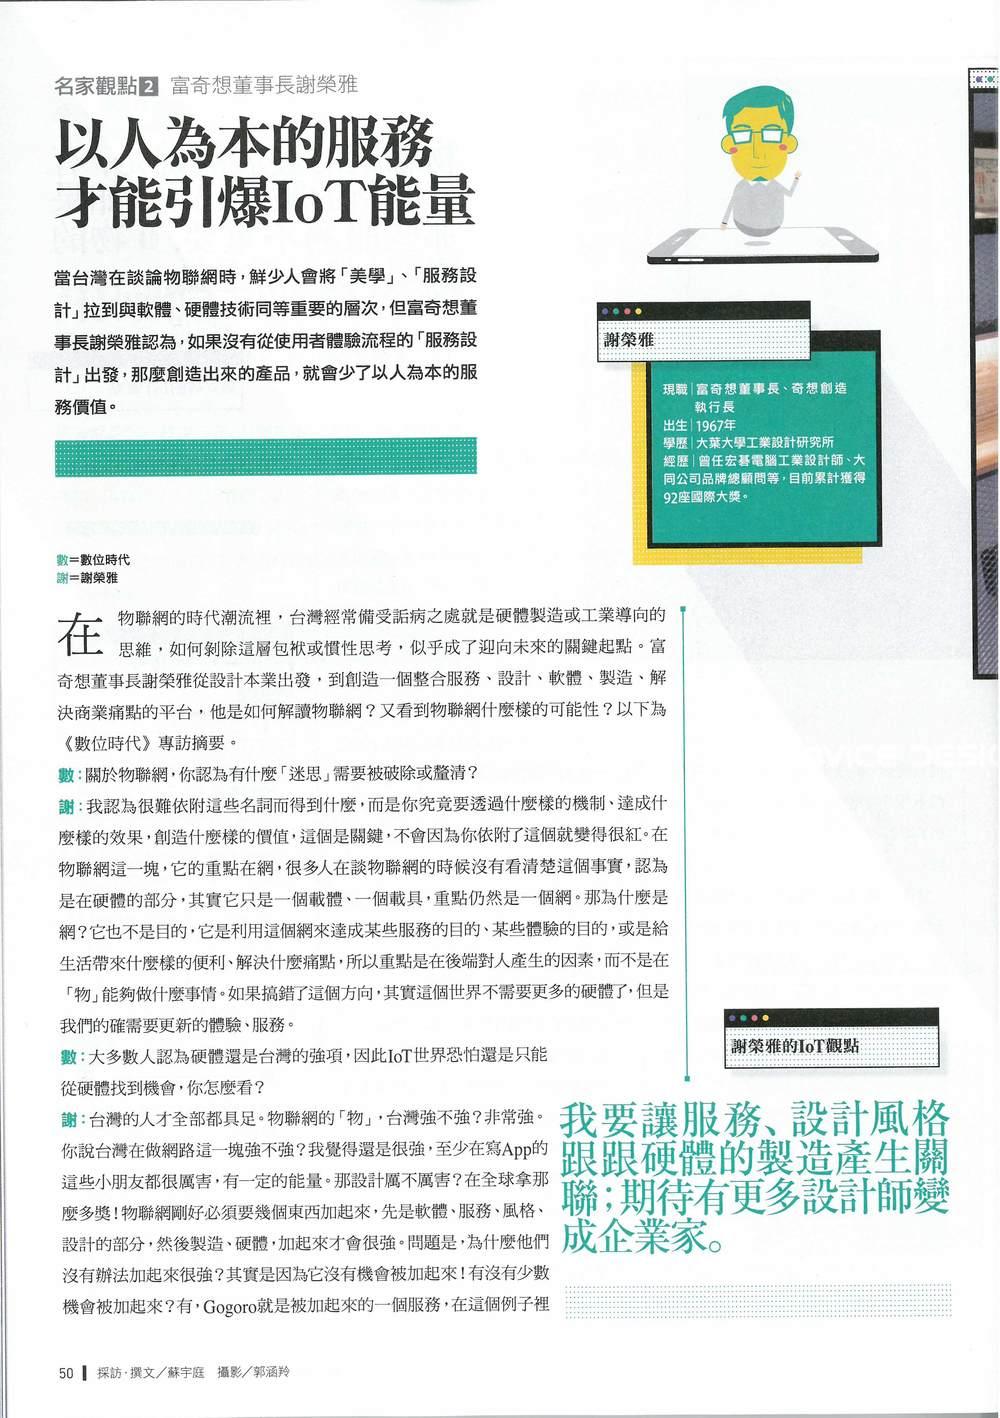 2016年07月_以人為本的服務才能引爆IoT能量_數位時代_頁面_1.jpg